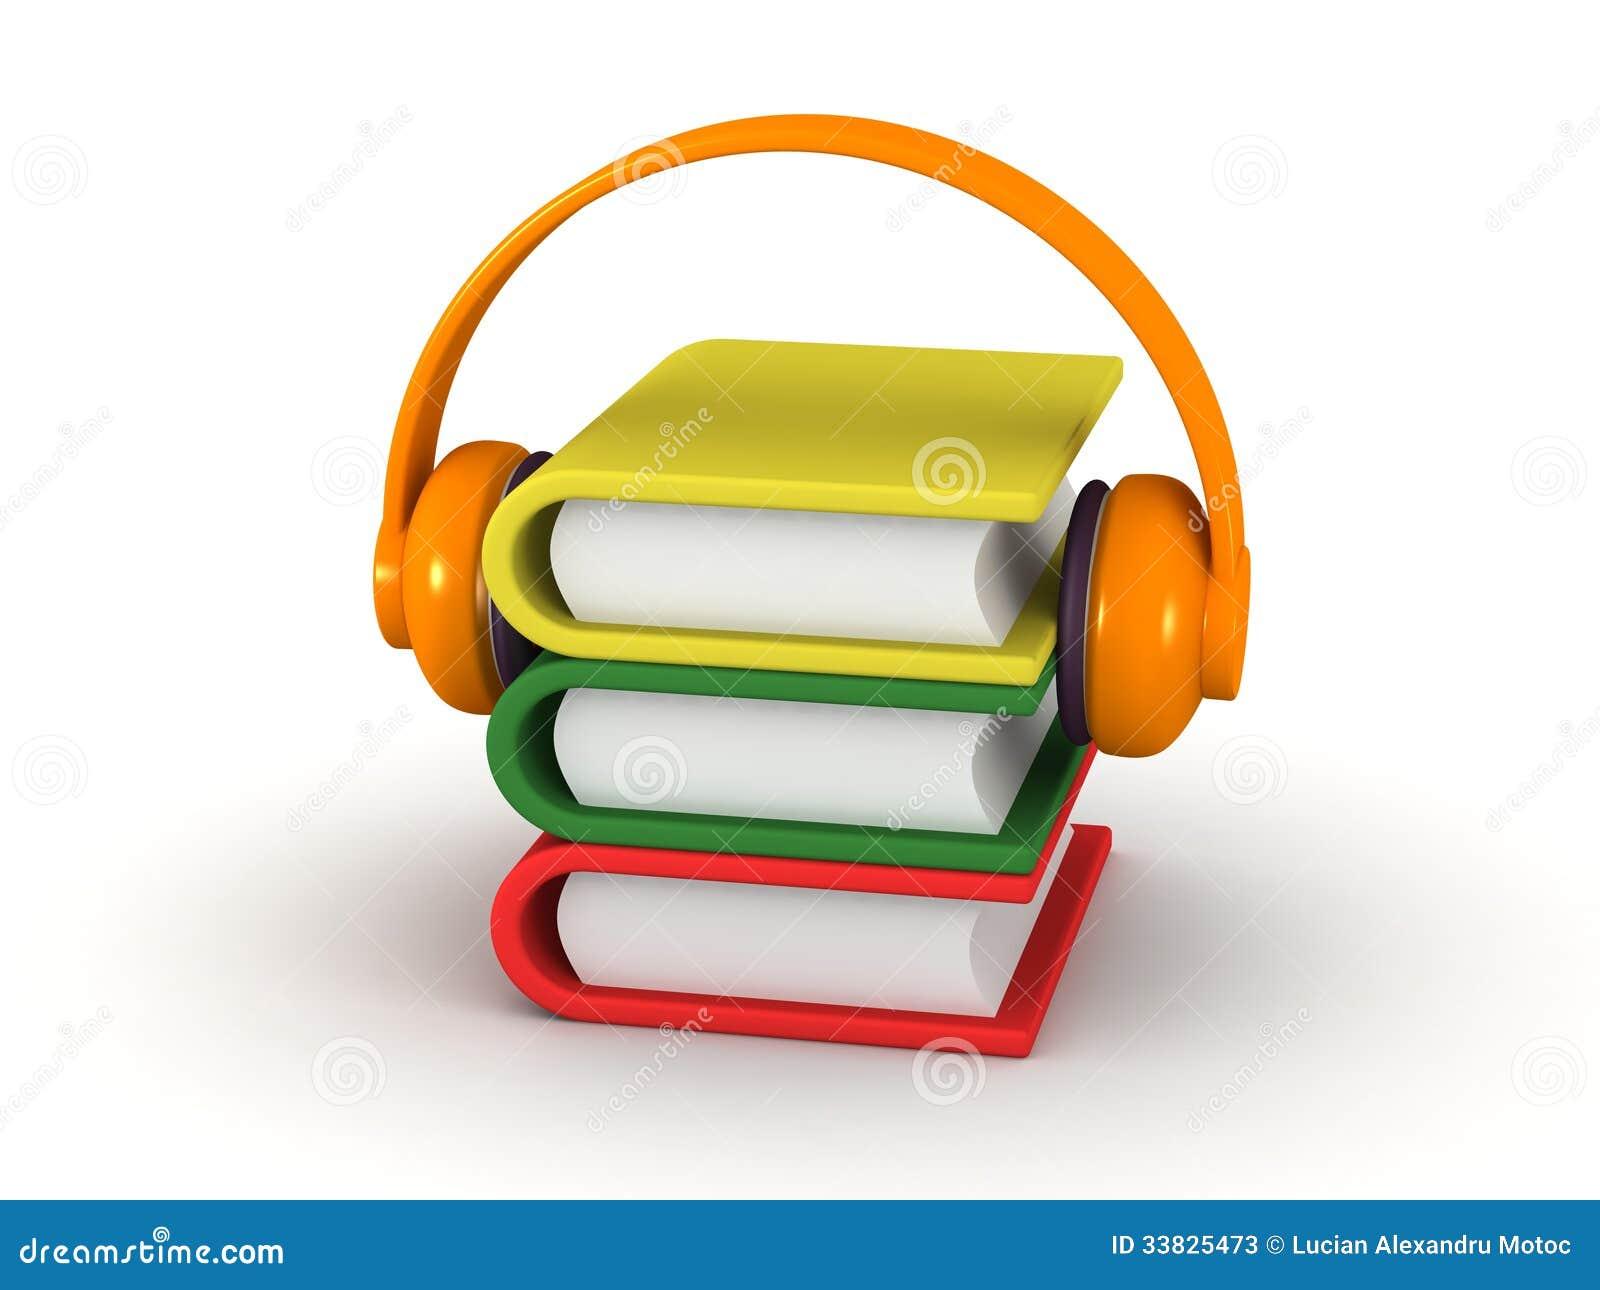 Concetto di audiolibro libri 3d e cuffie illustrazione for Cuffie antirumore per studiare